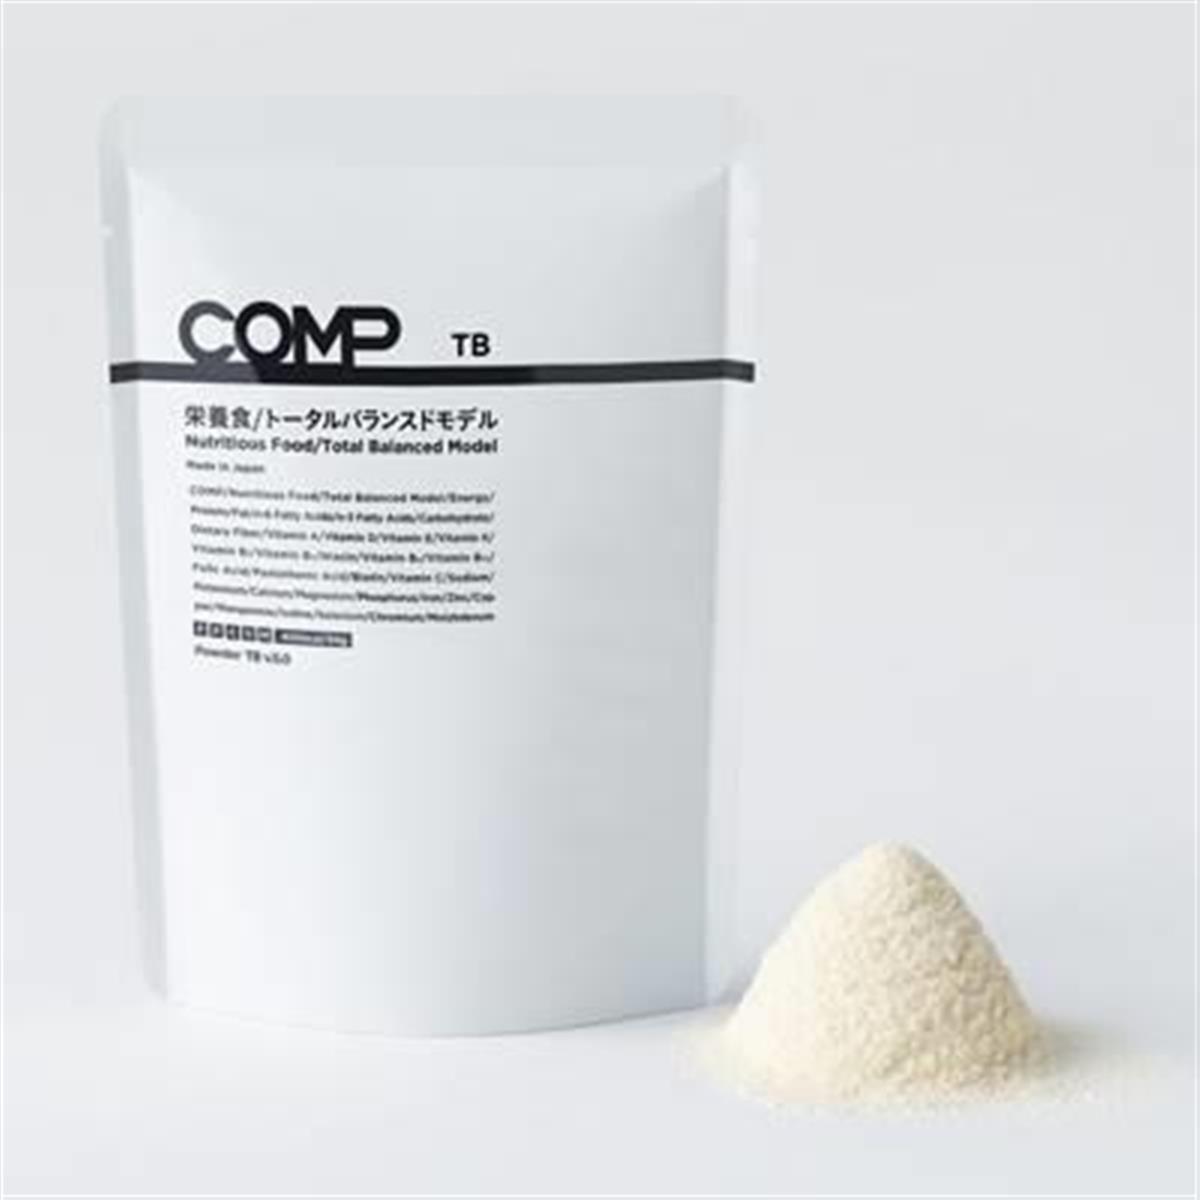 COMPのトータルバランスドモデル。粉末を水に溶かして飲む